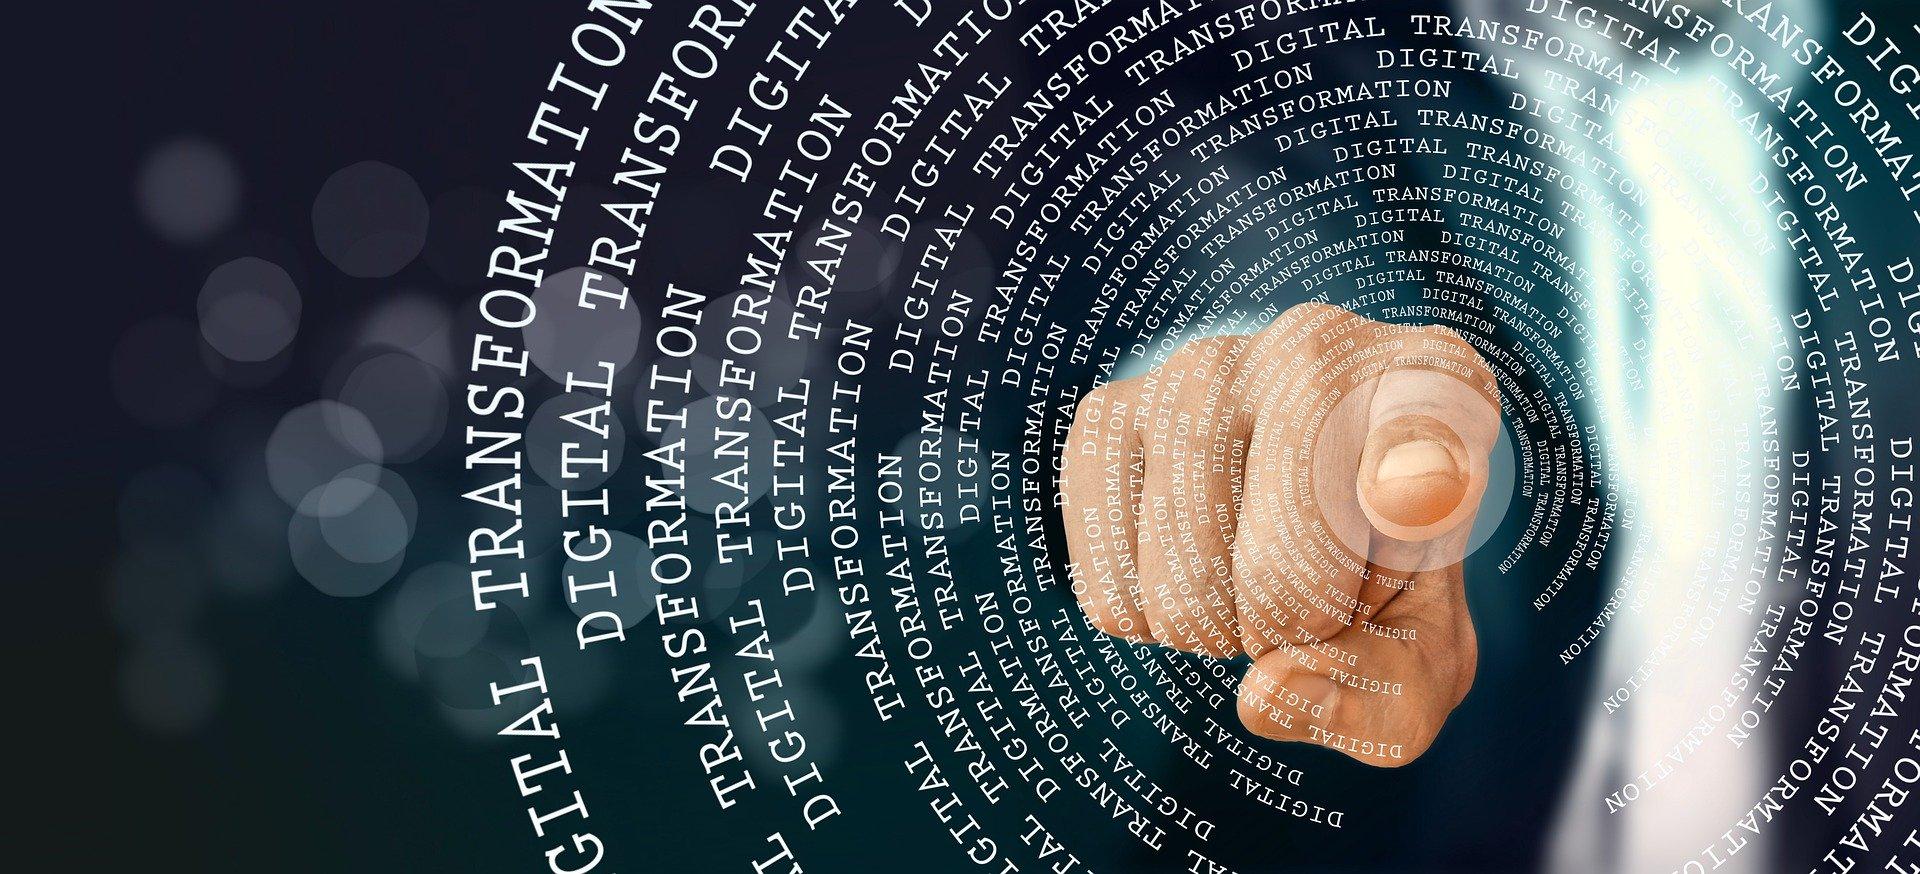 Die Wahl zwischen Manipulation und Mündigkeit im Zeitalter der Digitalen Transformation